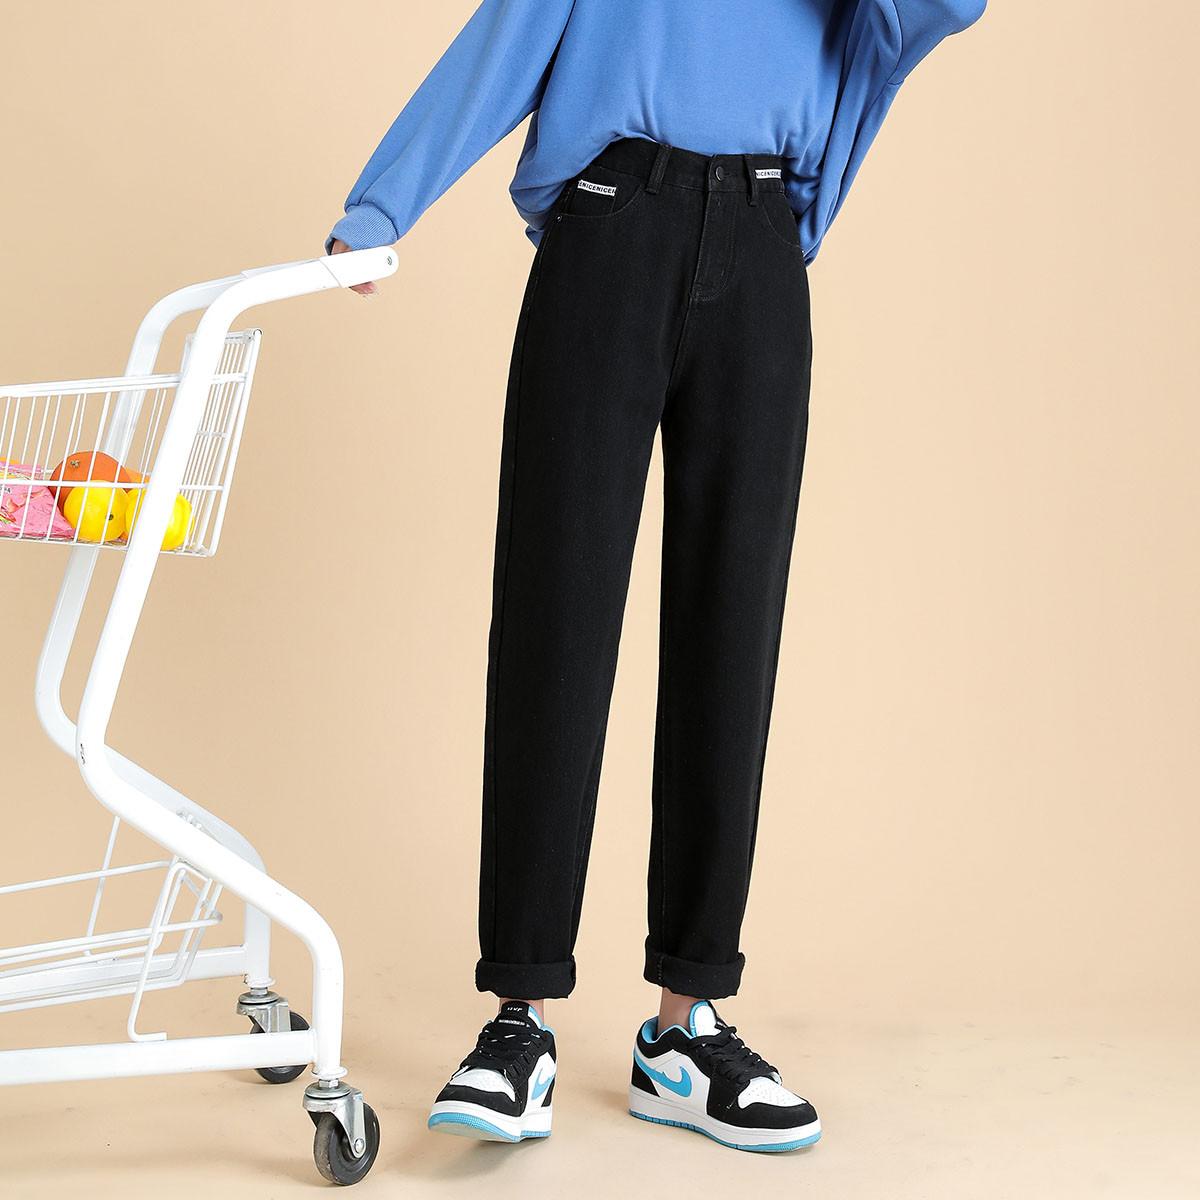 Puella 女士加绒牛仔裤 2I03143ES101